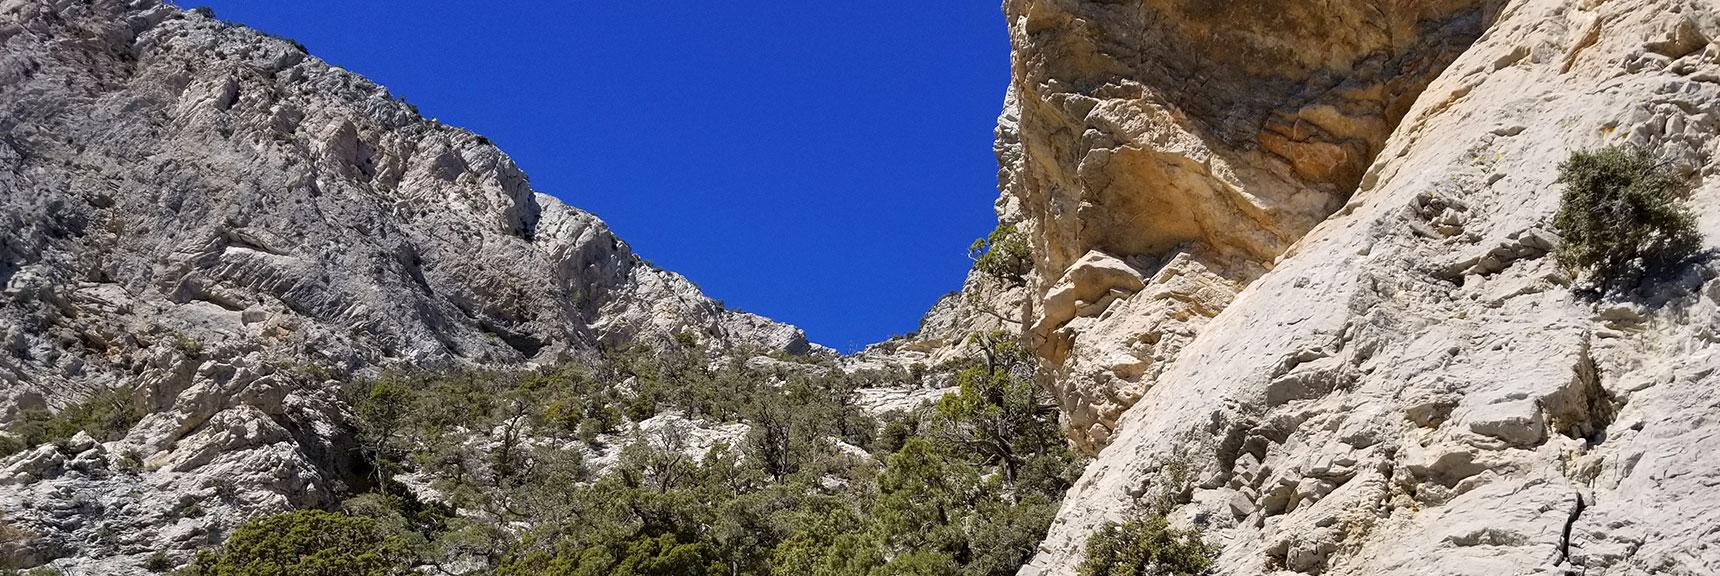 900 ft Below La Madre Mt Summit